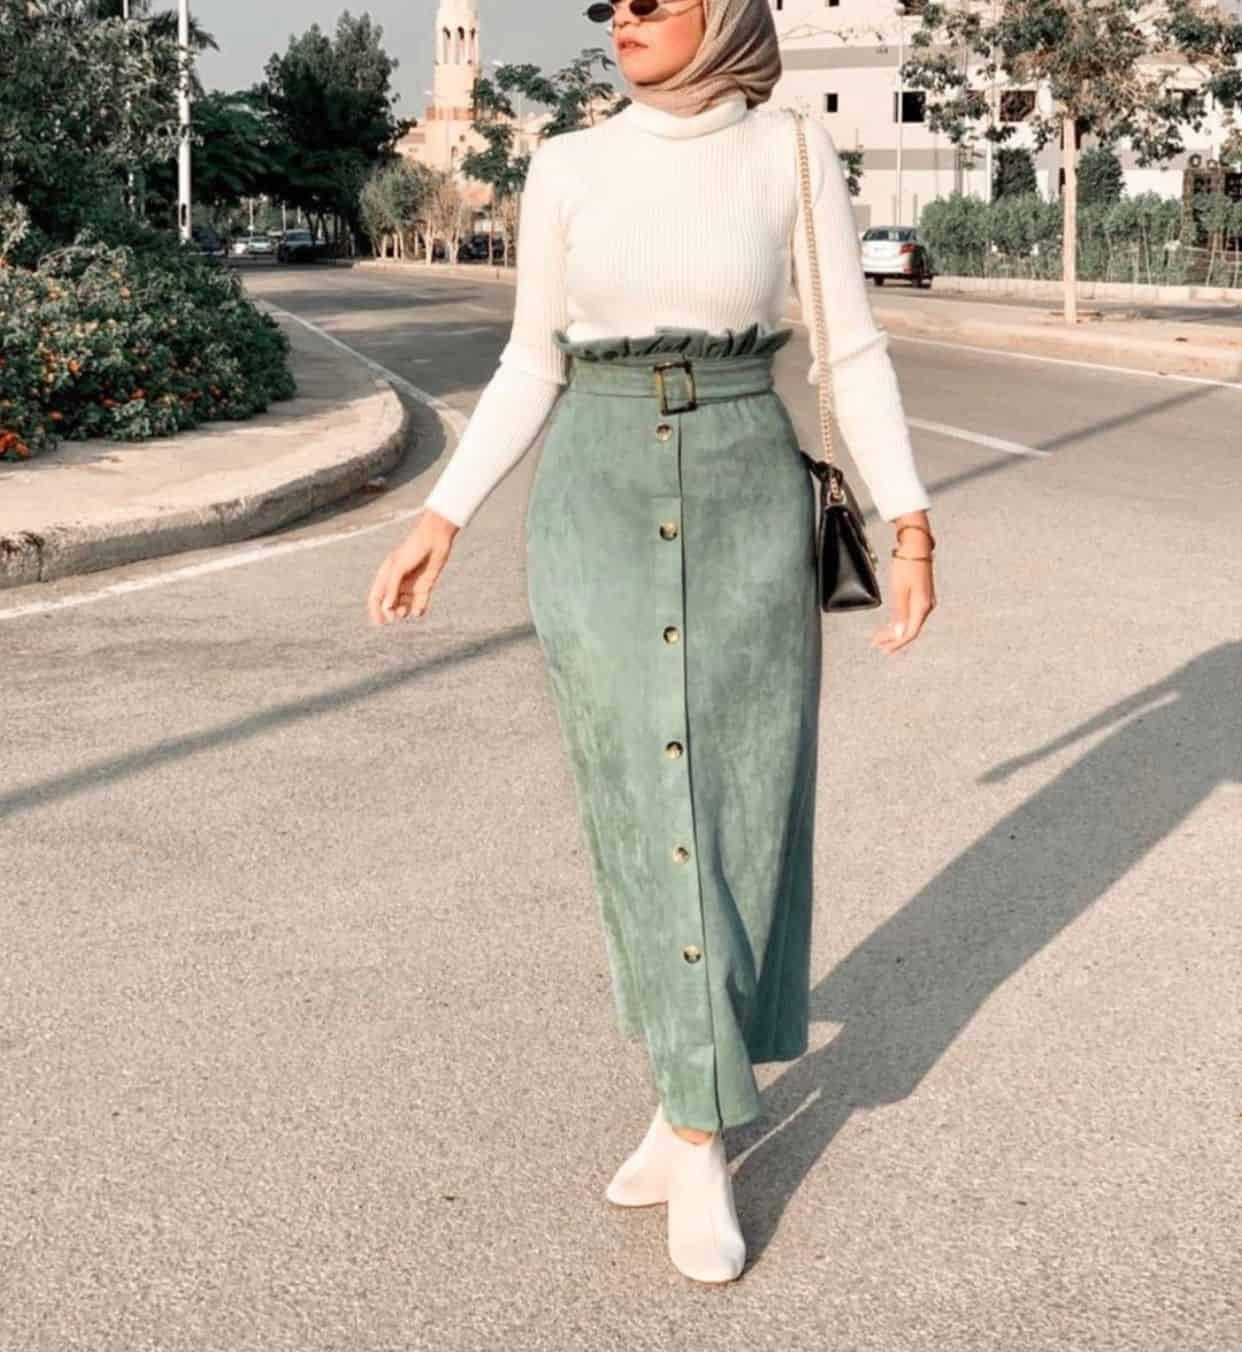 ملابس تناسب الطويلات المحجبات- الجيب مرتفعة الخصر